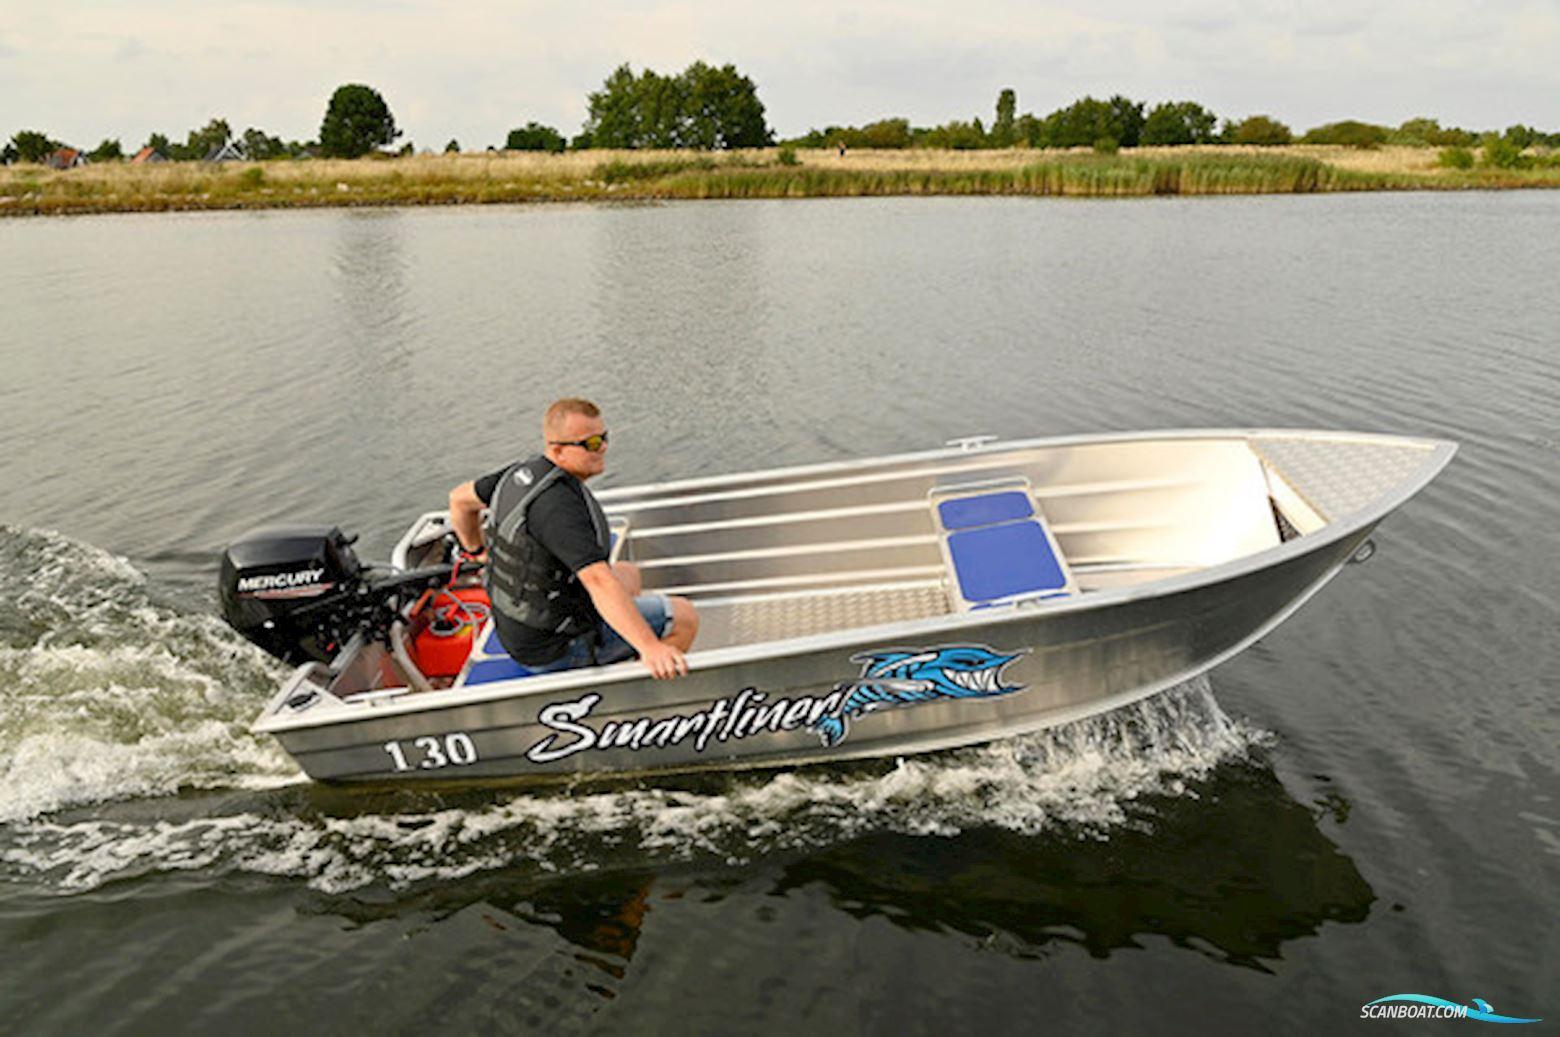 Smartliner 130 Alujolle Meget Robust Model Perfekt Til Fiskeri og Jagt